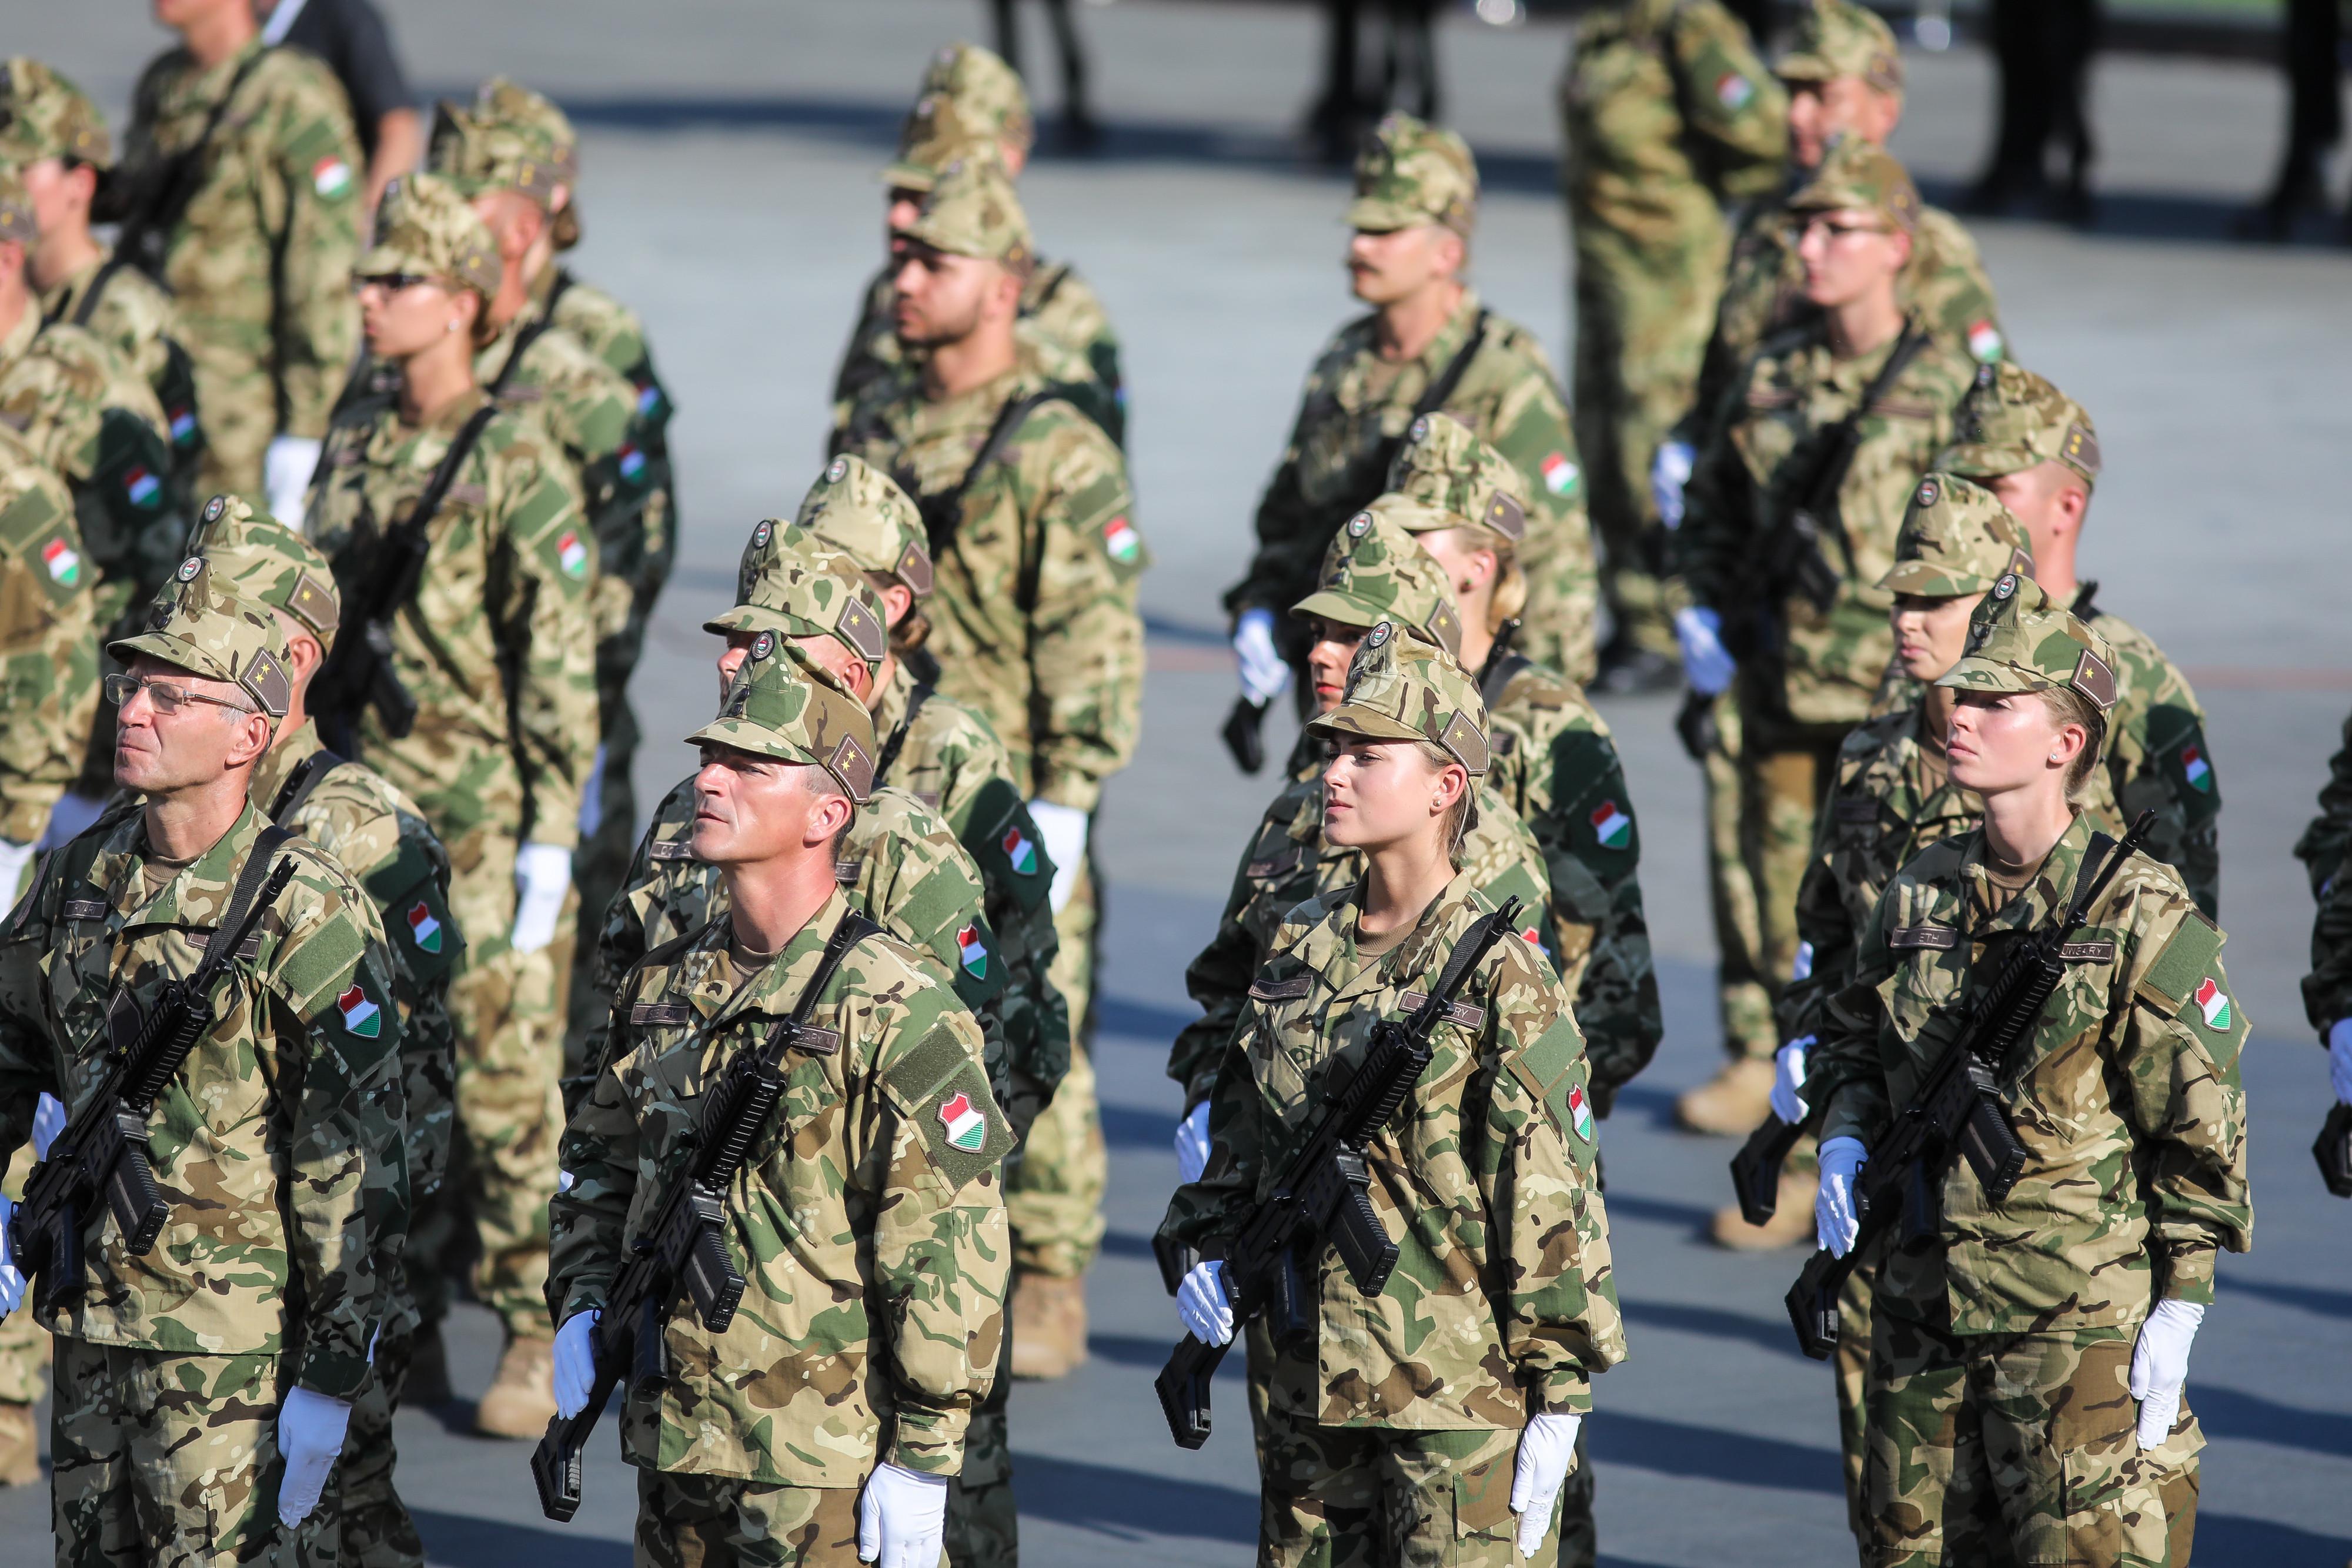 oldalon, hogy megfeleljen a katonai nők találkozik facebook